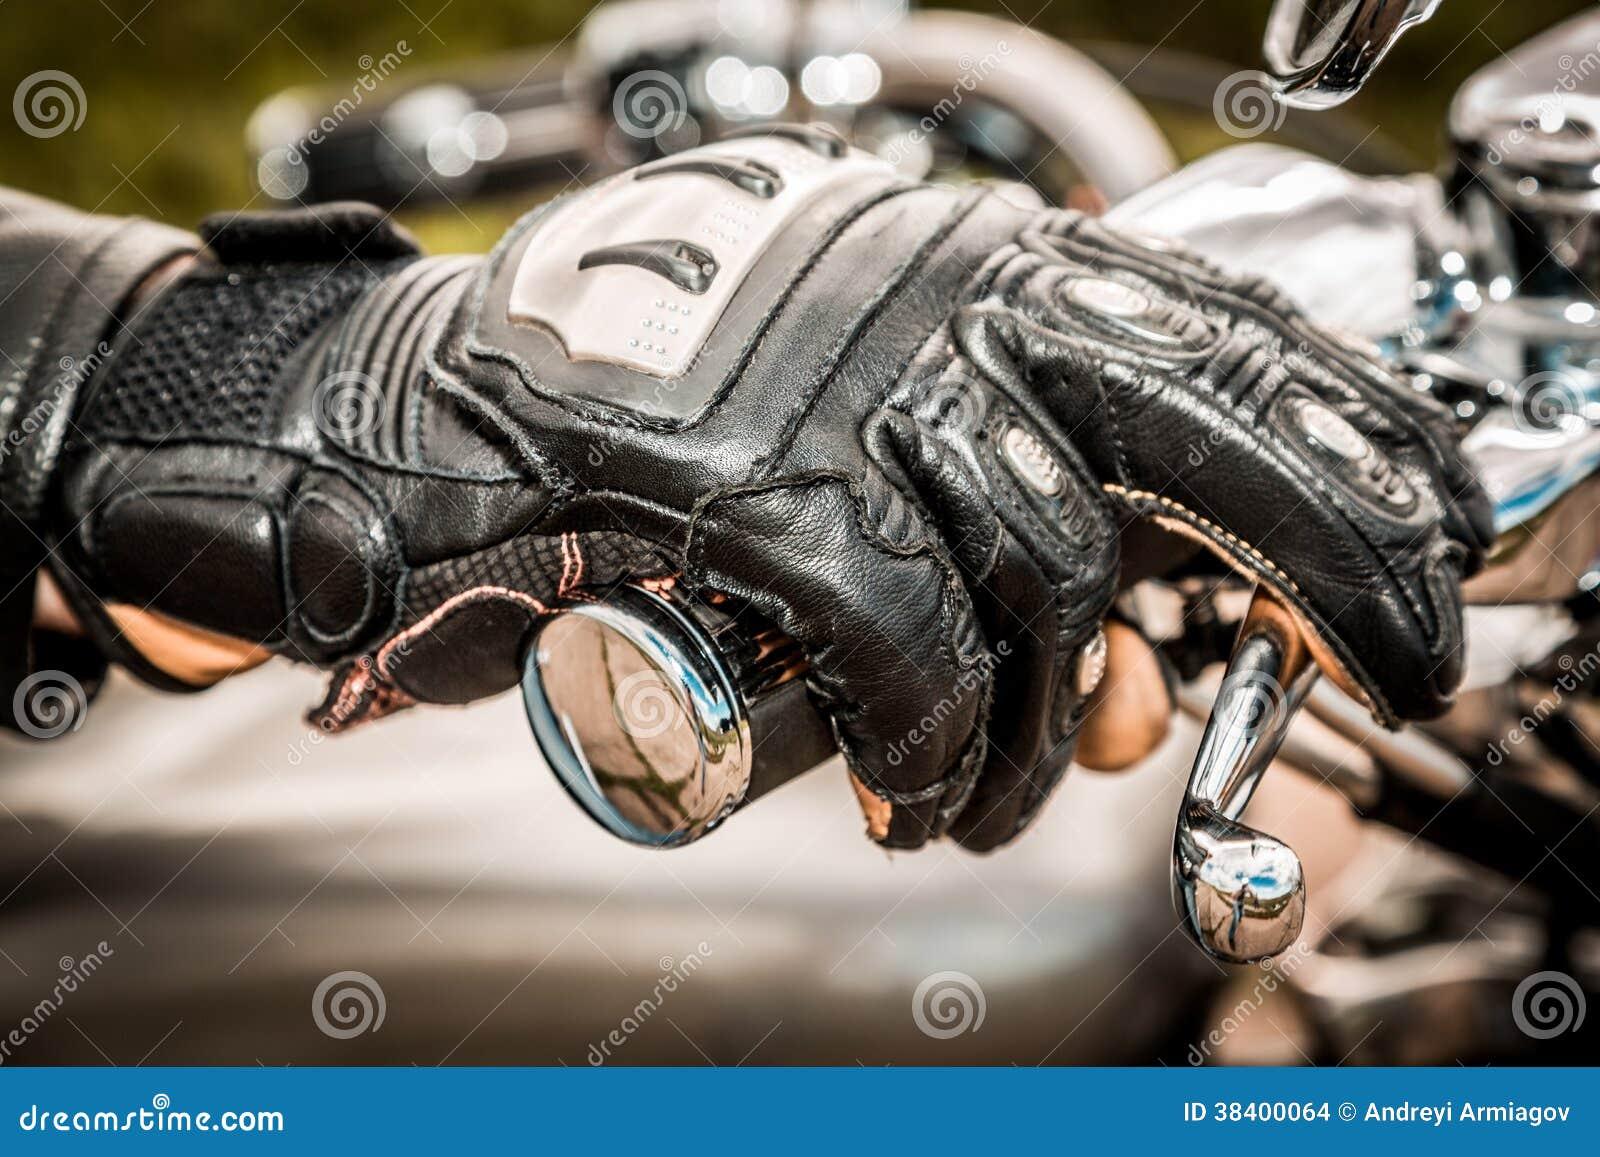 Motorcycle gloves metal - Motorcycle Racing Gloves